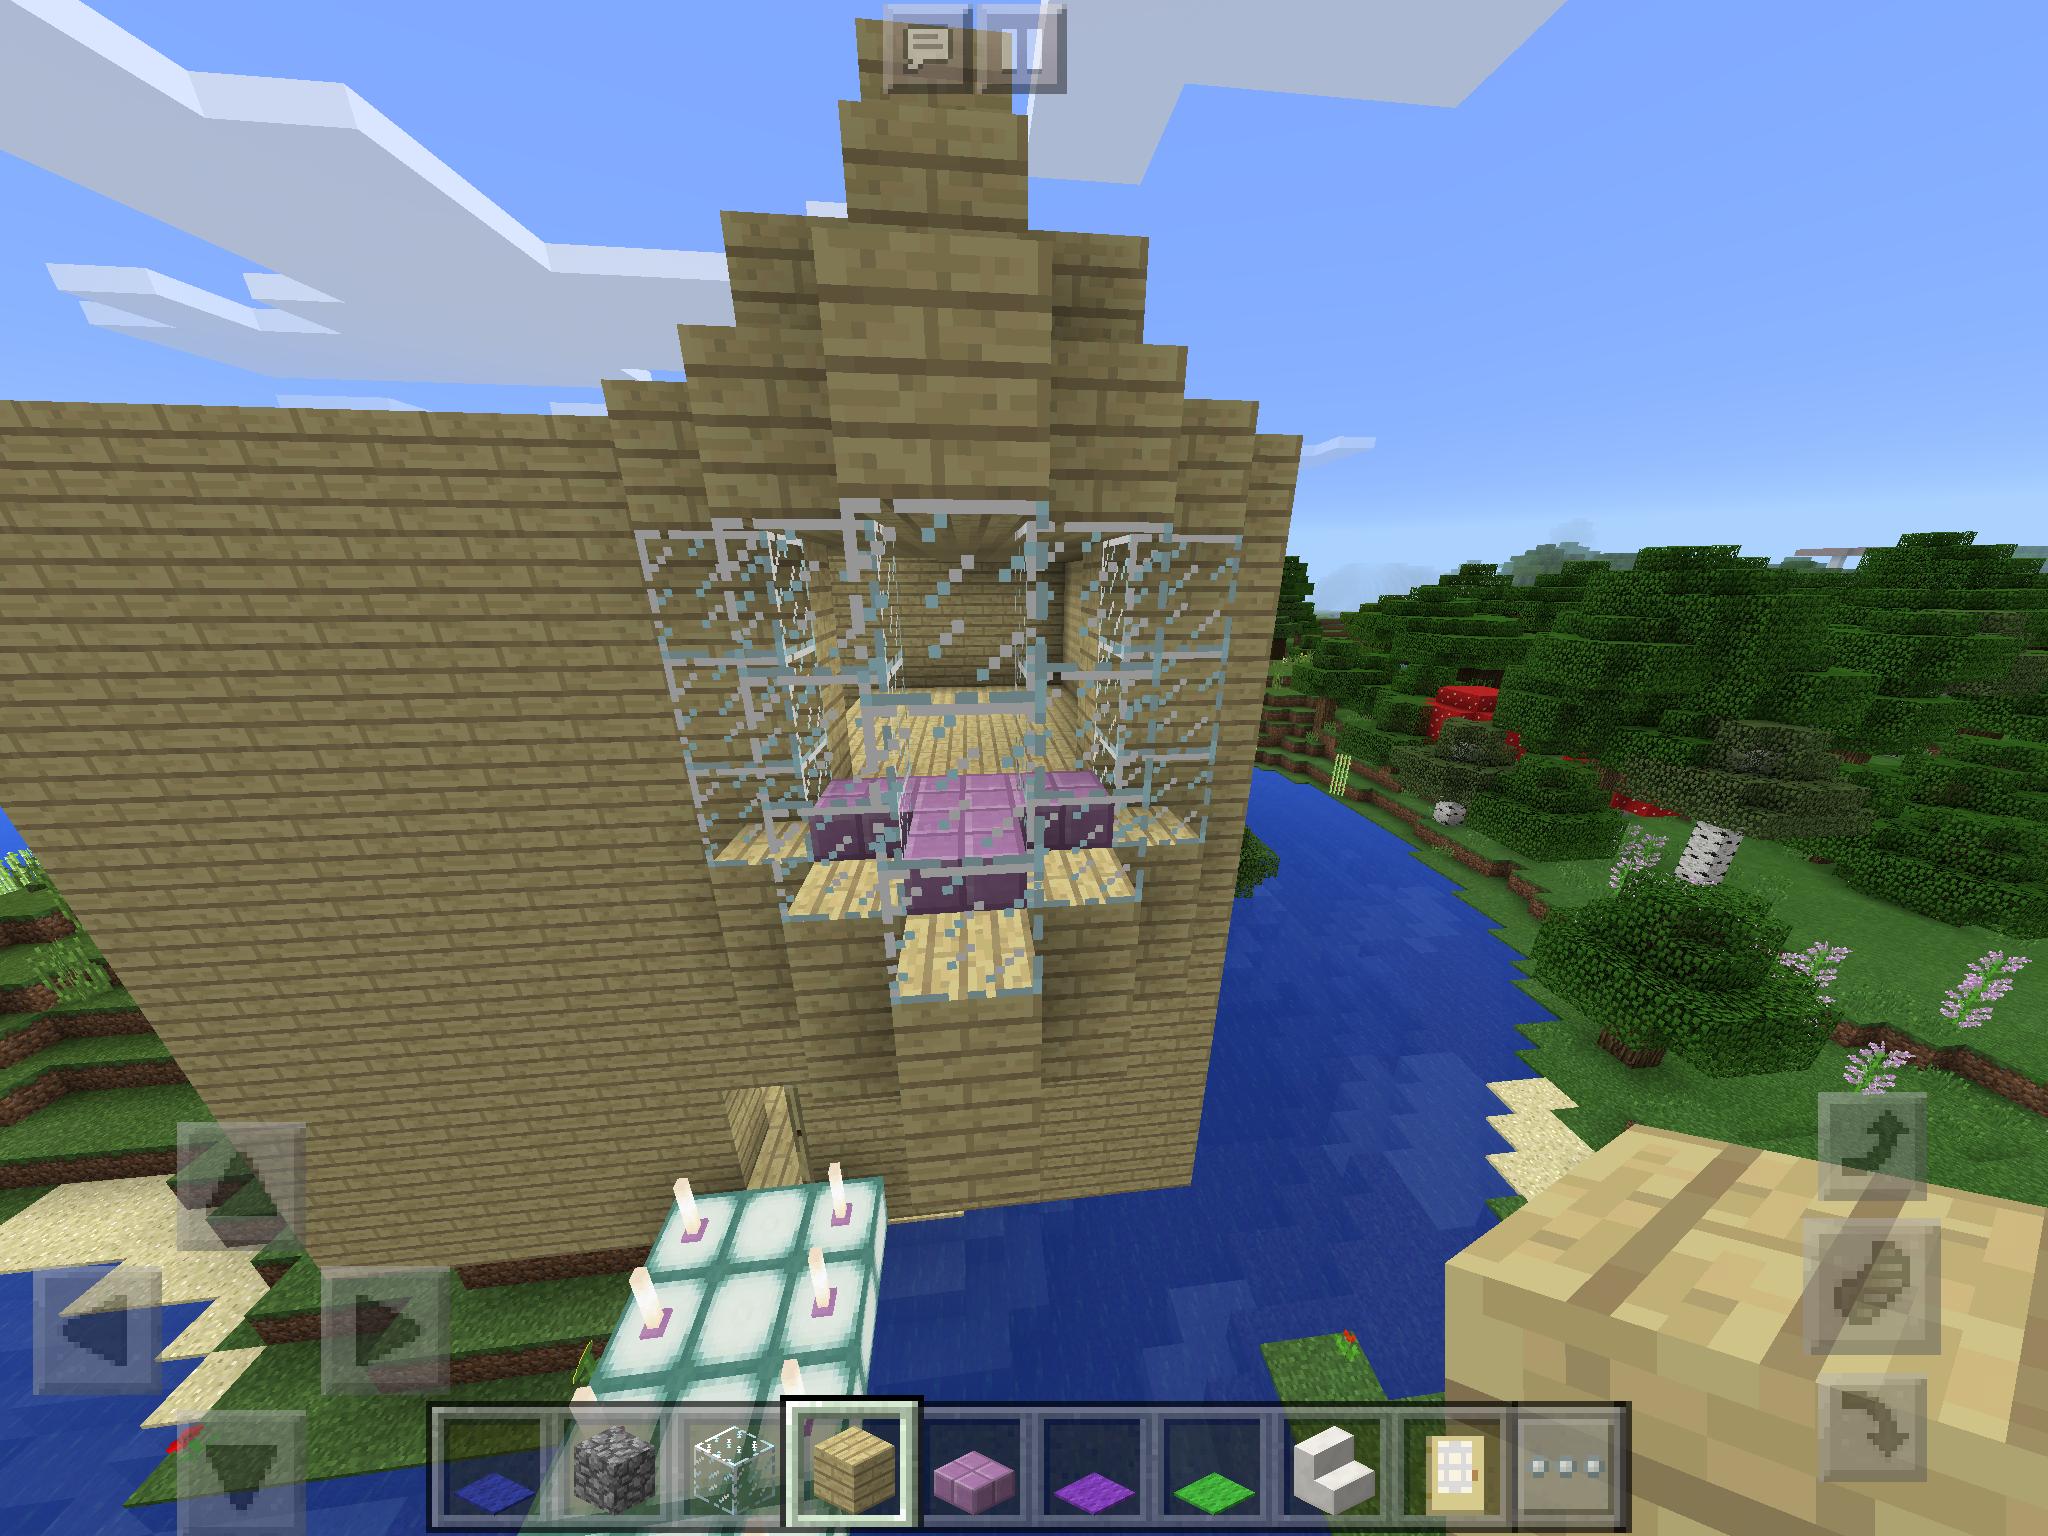 Bay Window Design Not Copied Minecraft